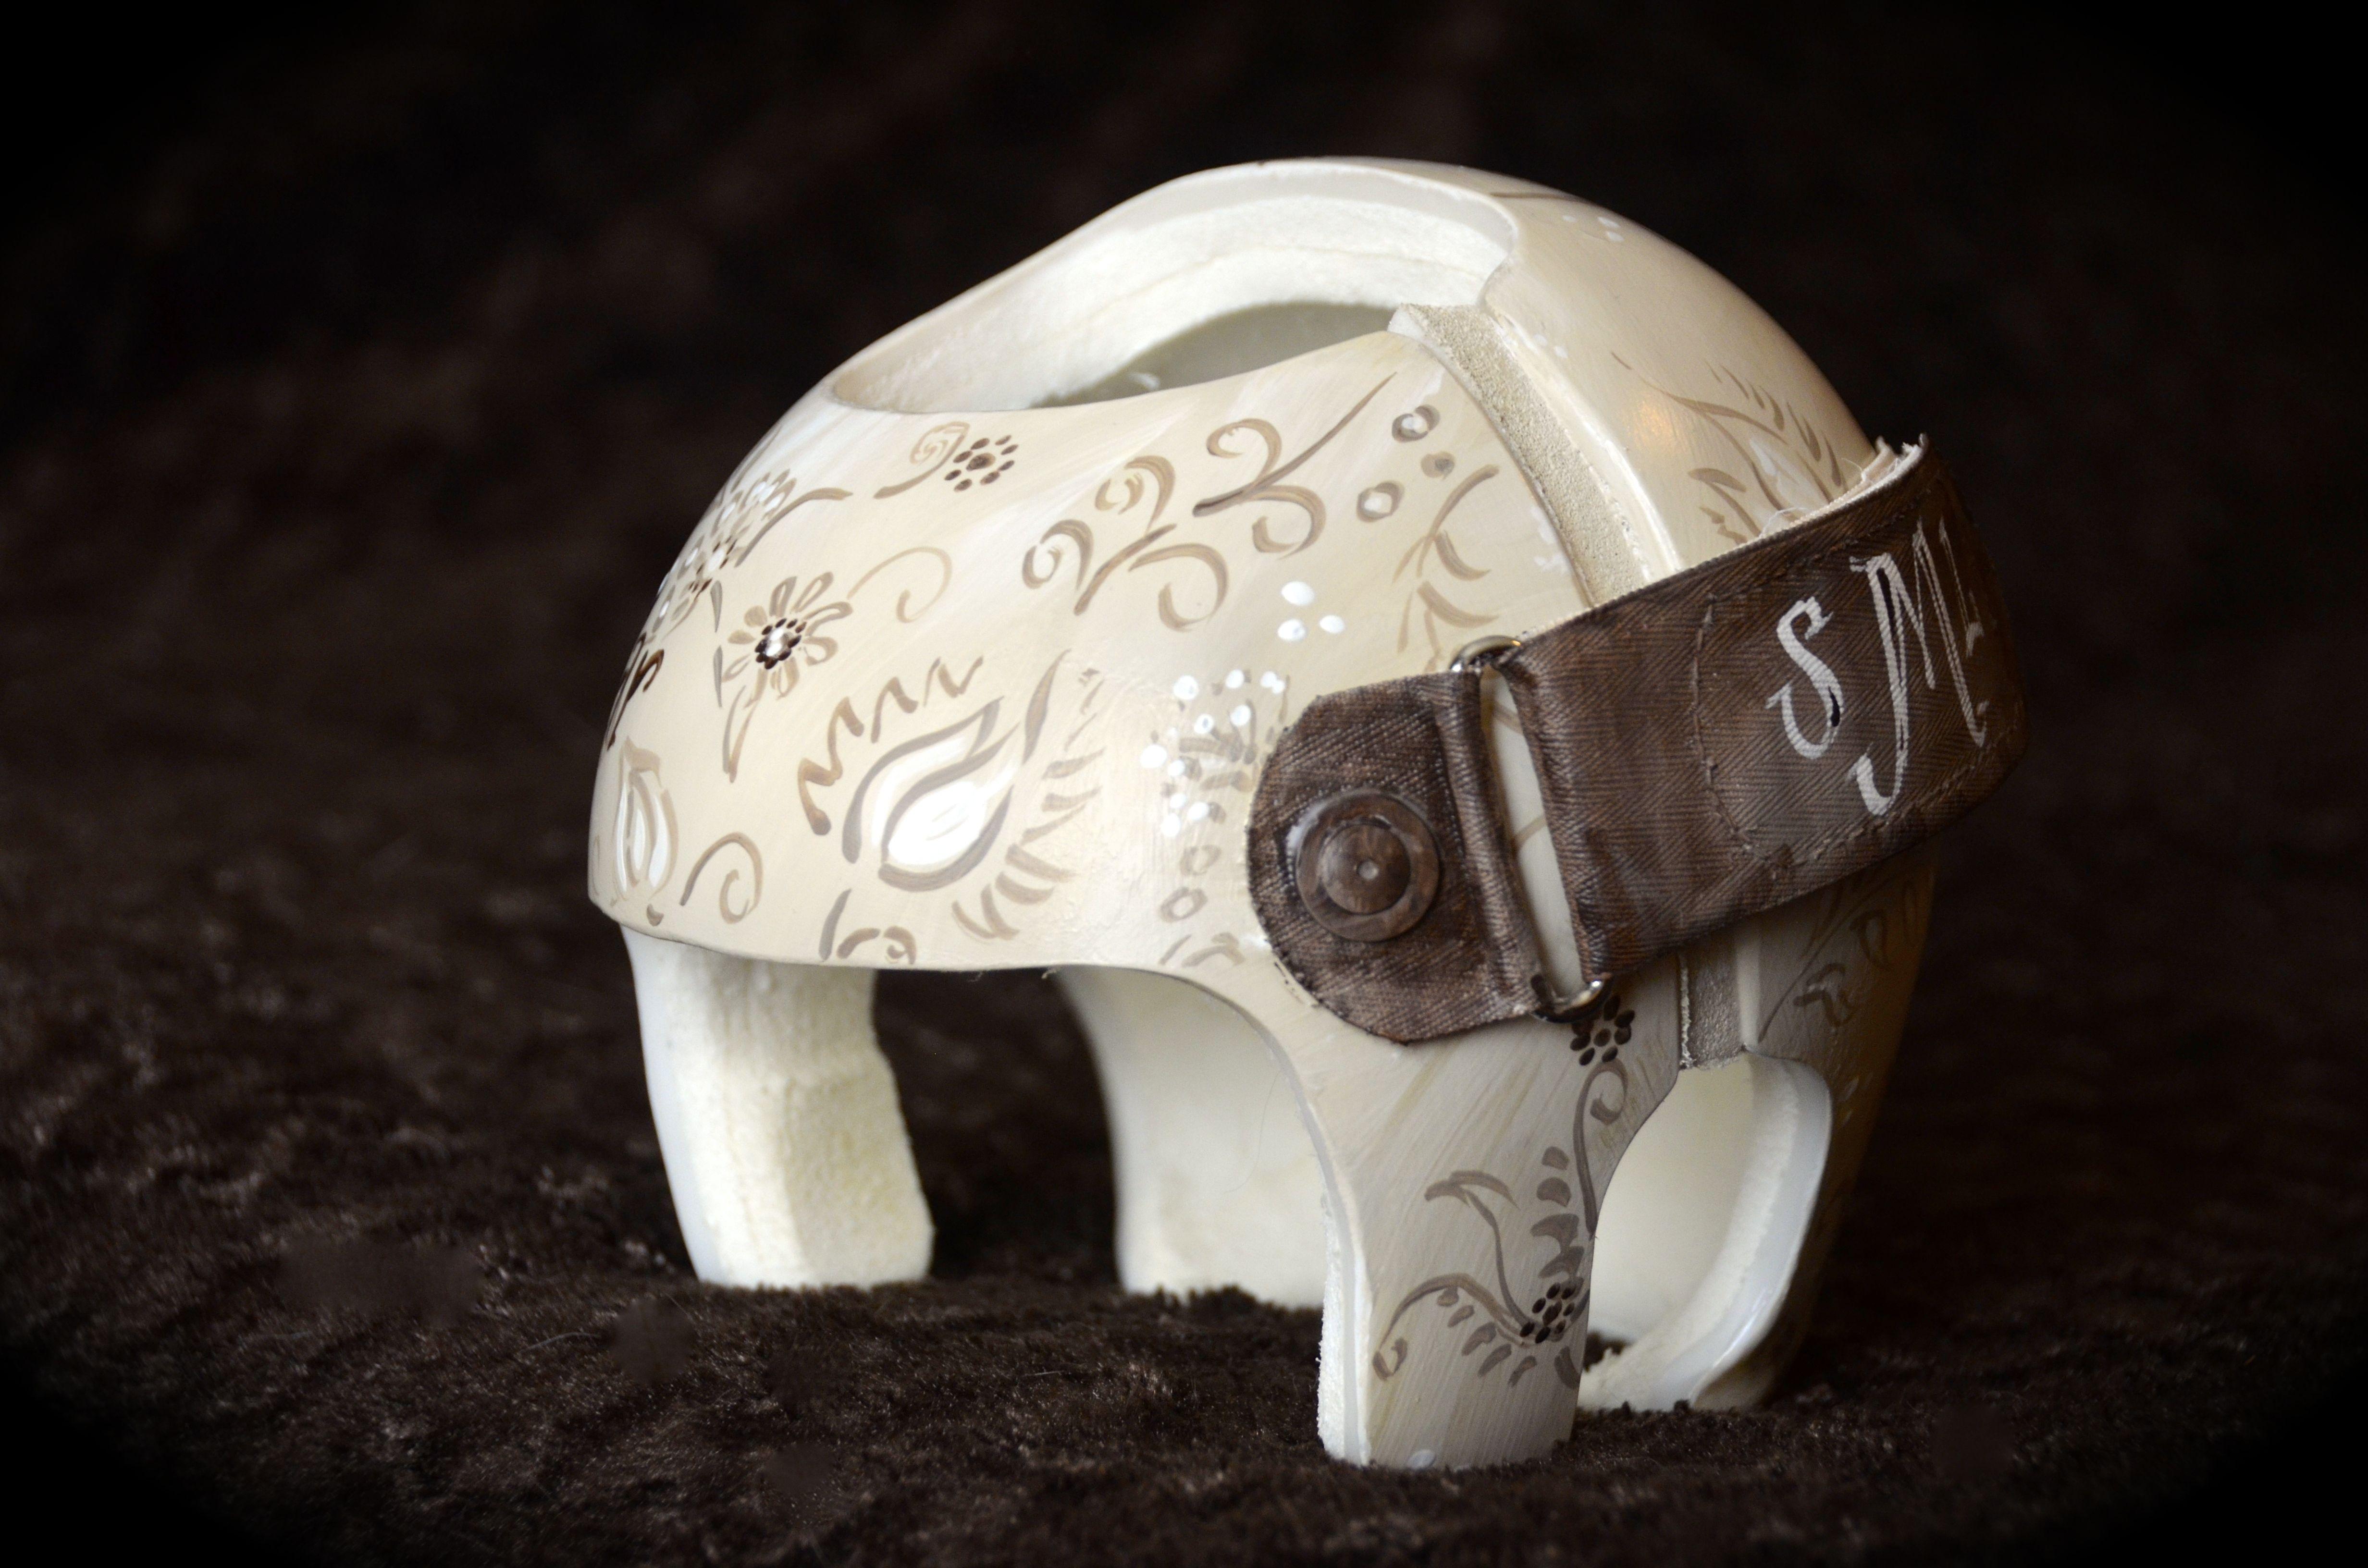 neutral cream and expresso design cranial band starband helmet neutral cream and expresso design cranial band starband helmet